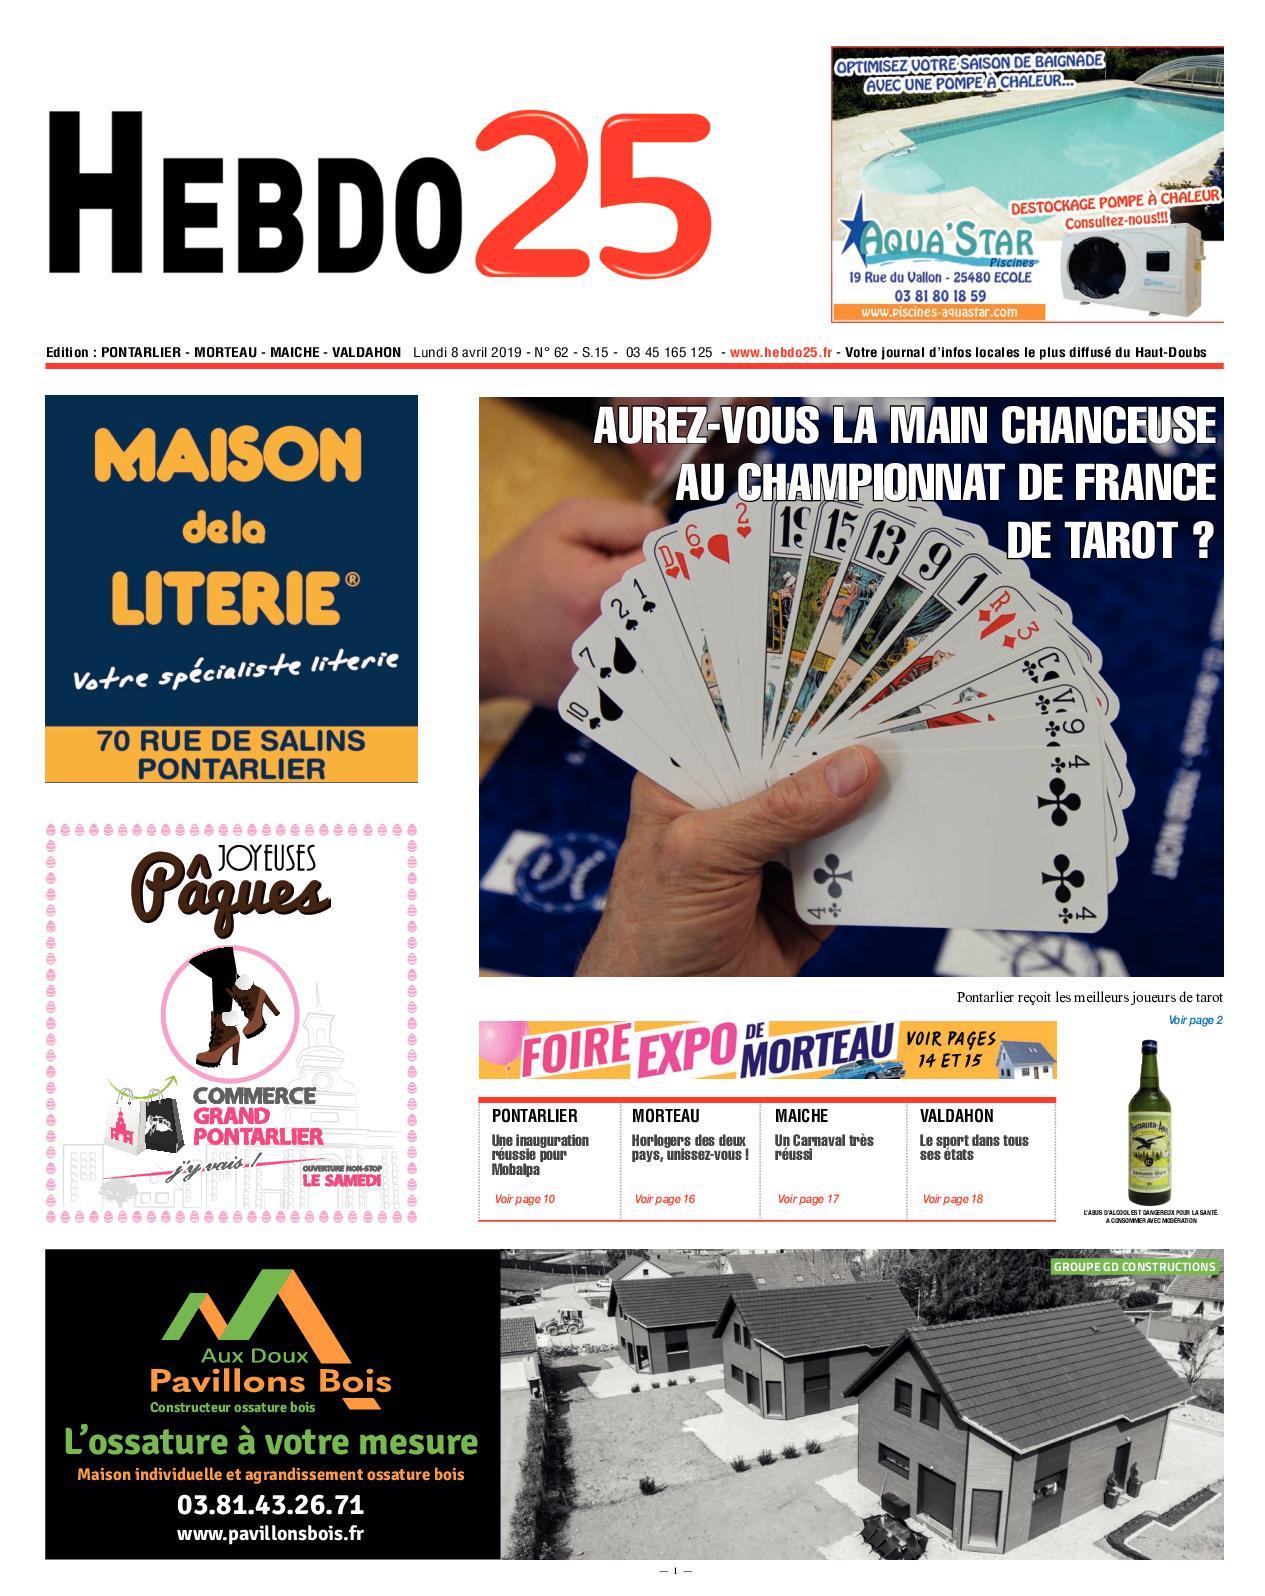 dc5958f43c2ad Calaméo - Hebdo Pontarlier 2019 Semaine 15